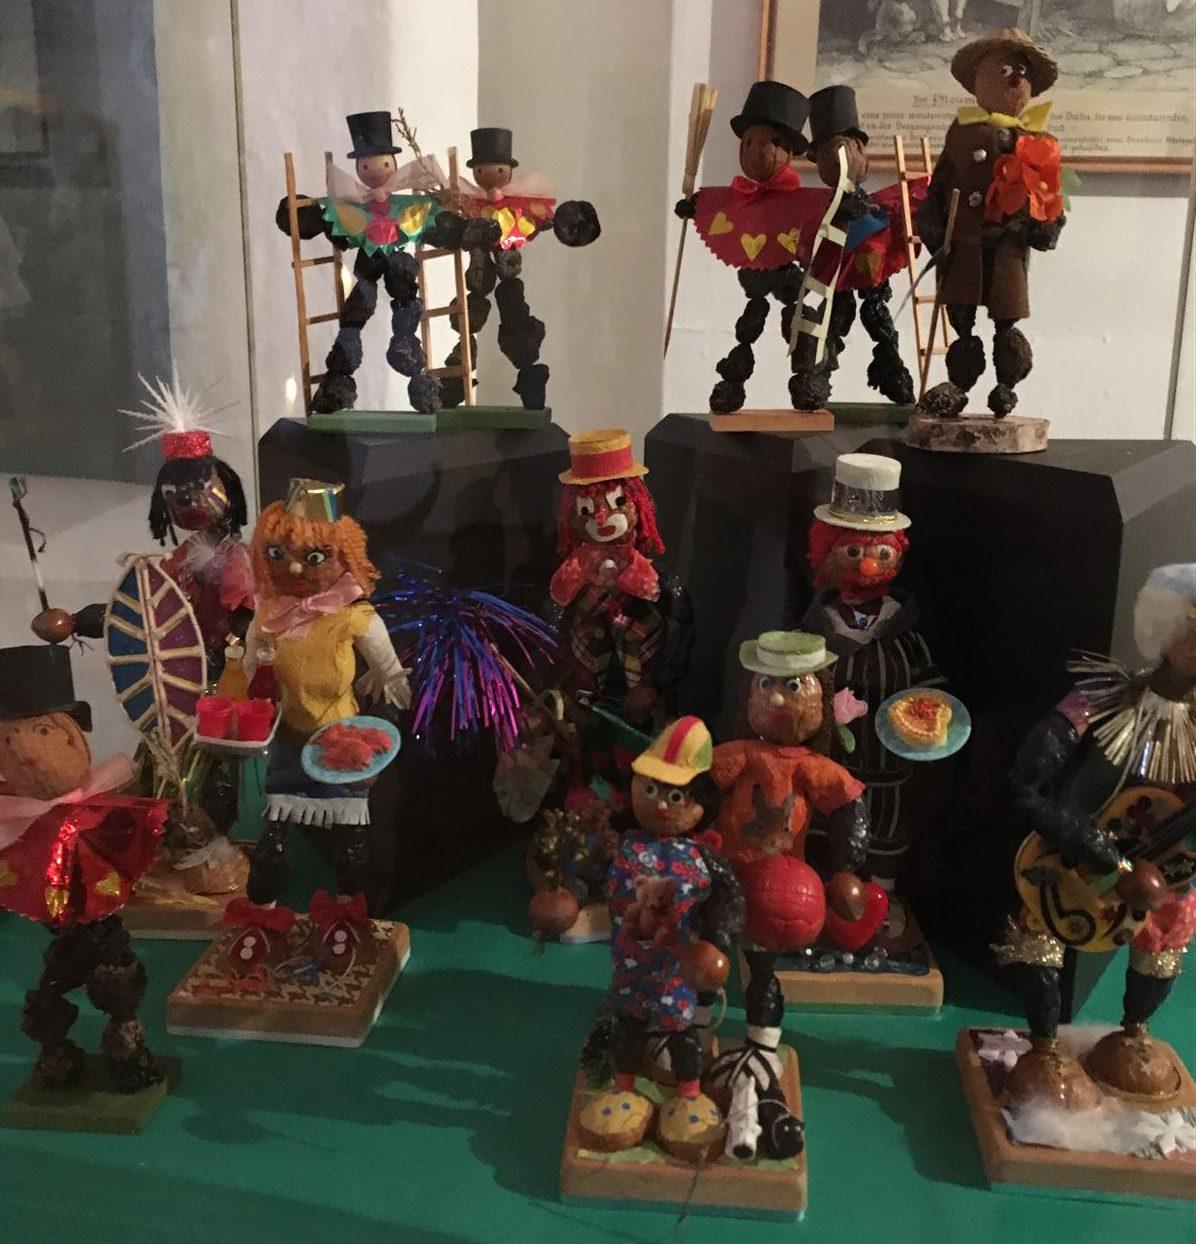 Ausflugstipp für Familien - Weihnachtsausstellung in Rodewisch / Sachsen / Vogtland- Pflaumentoffel